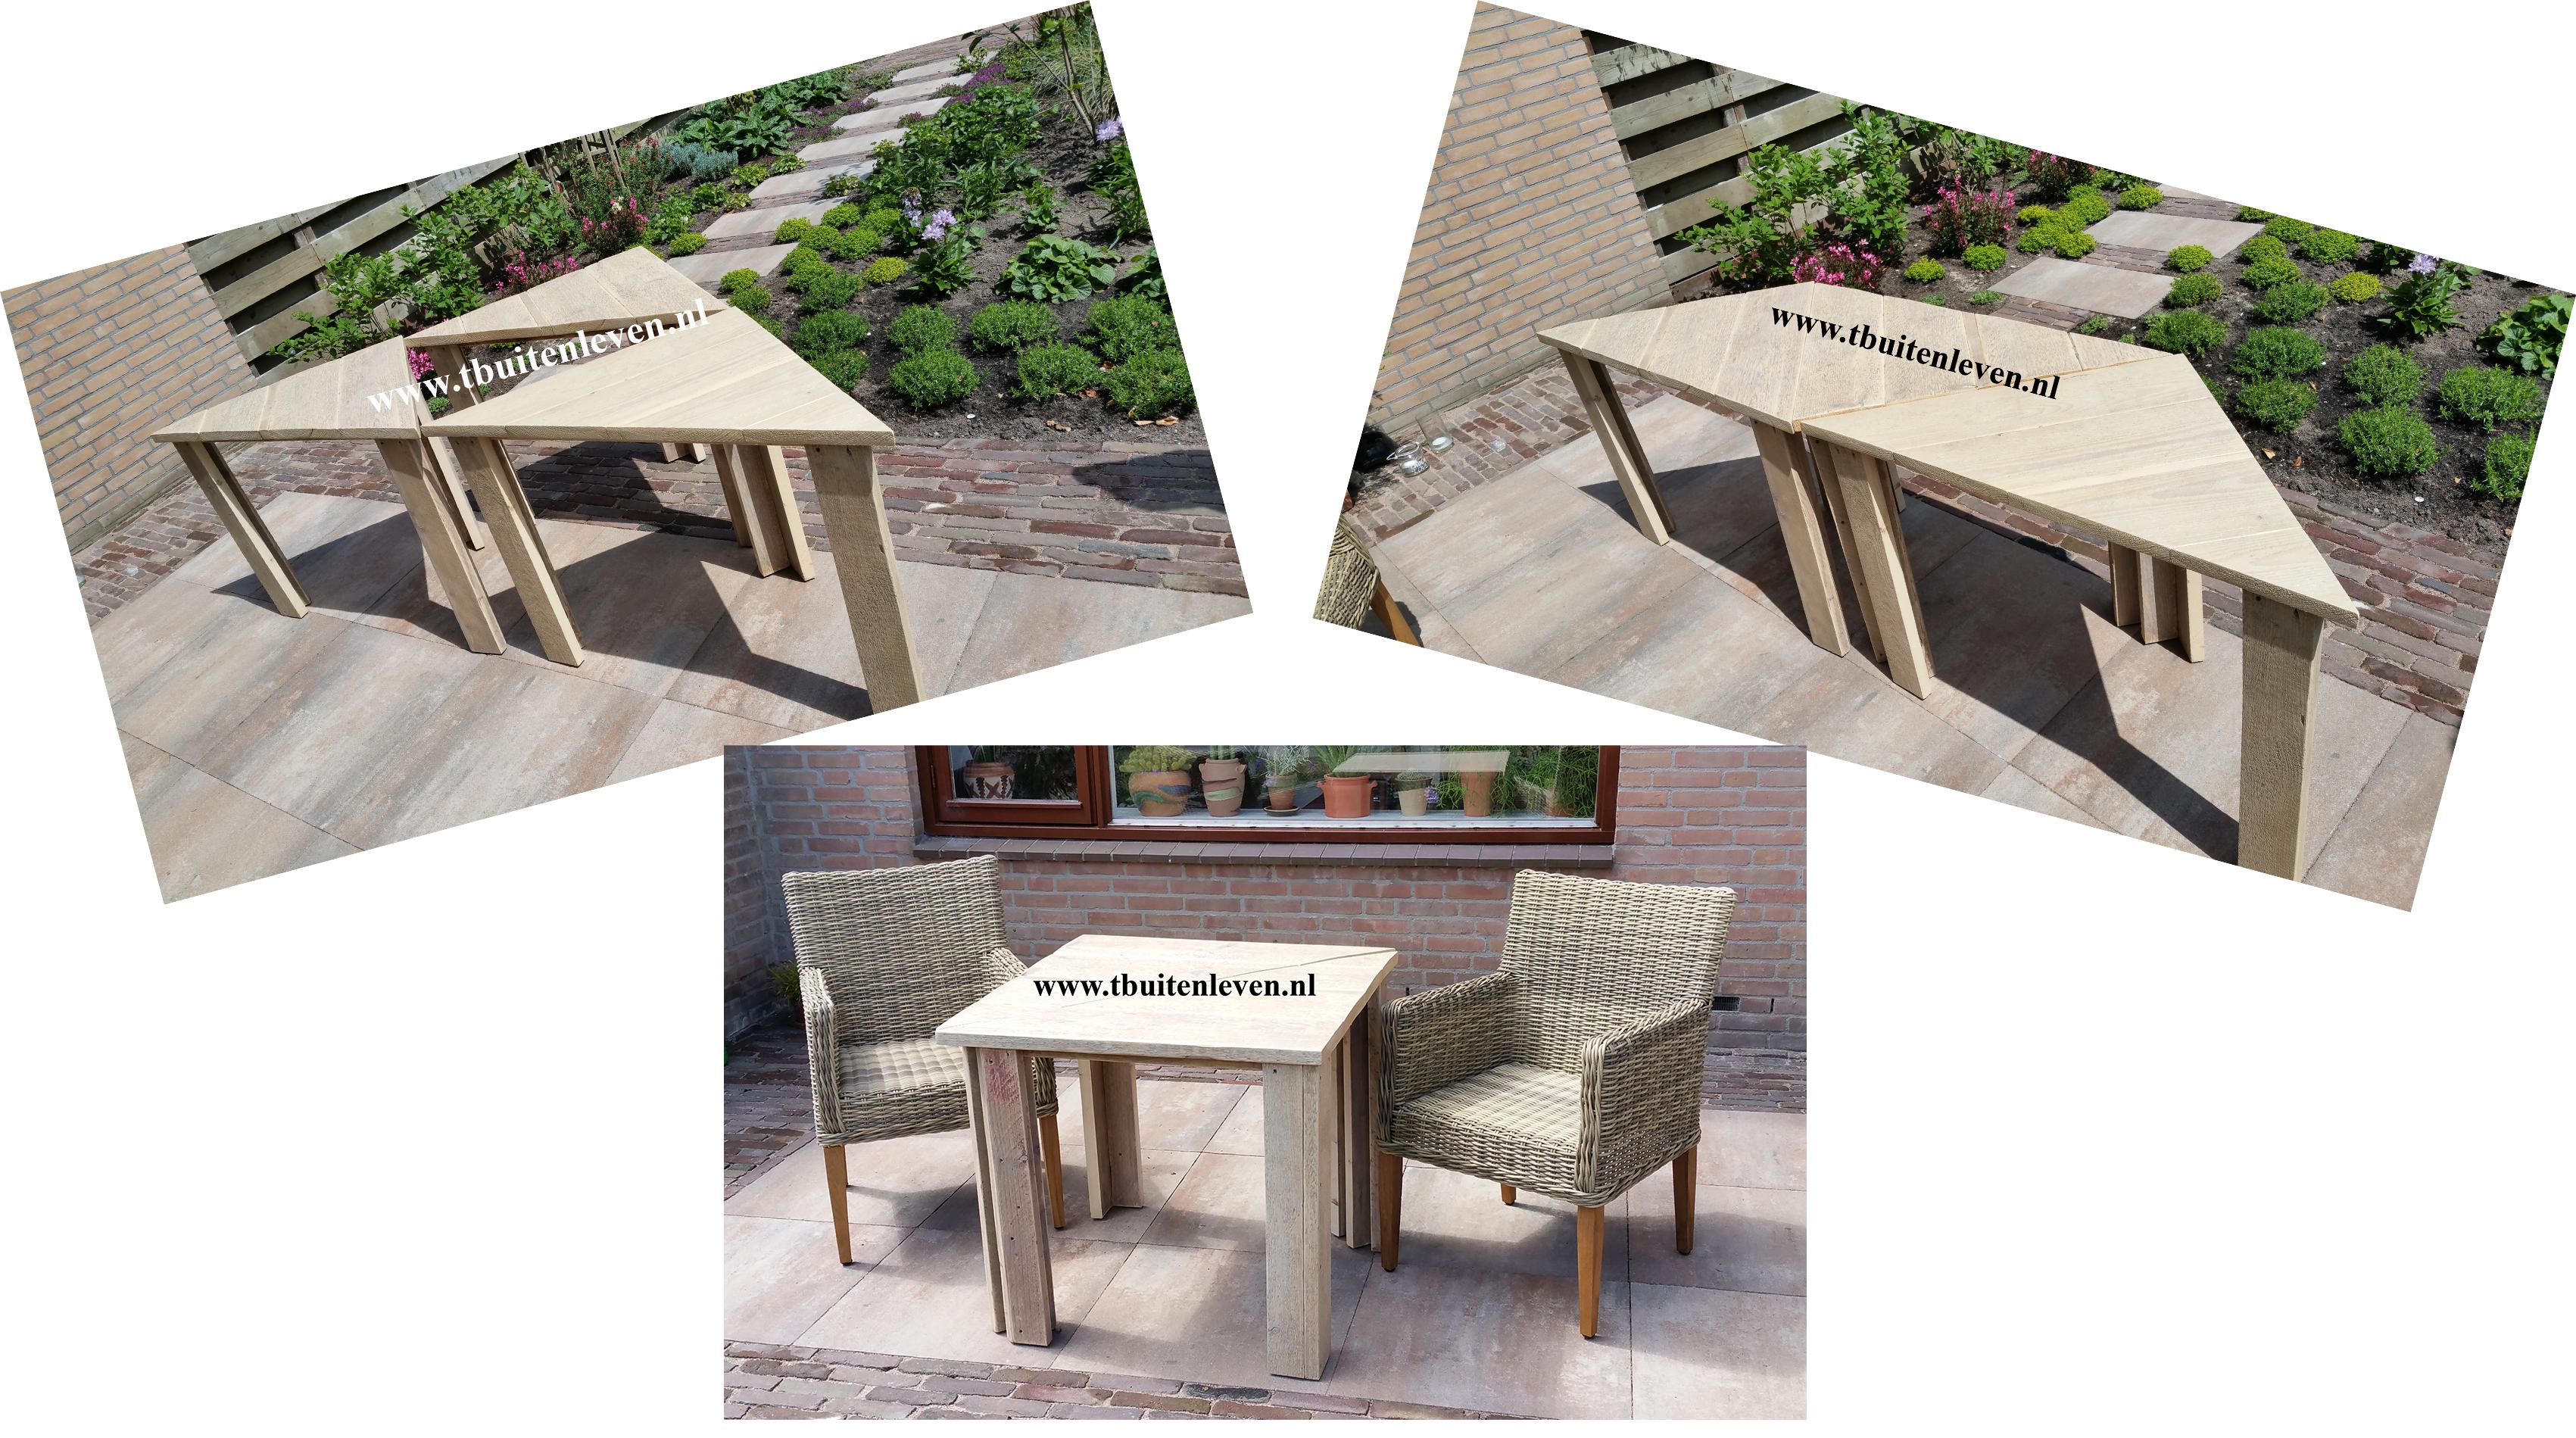 3 driehoekige tafels welke op verschillende manieren gebruikt kunnen worden